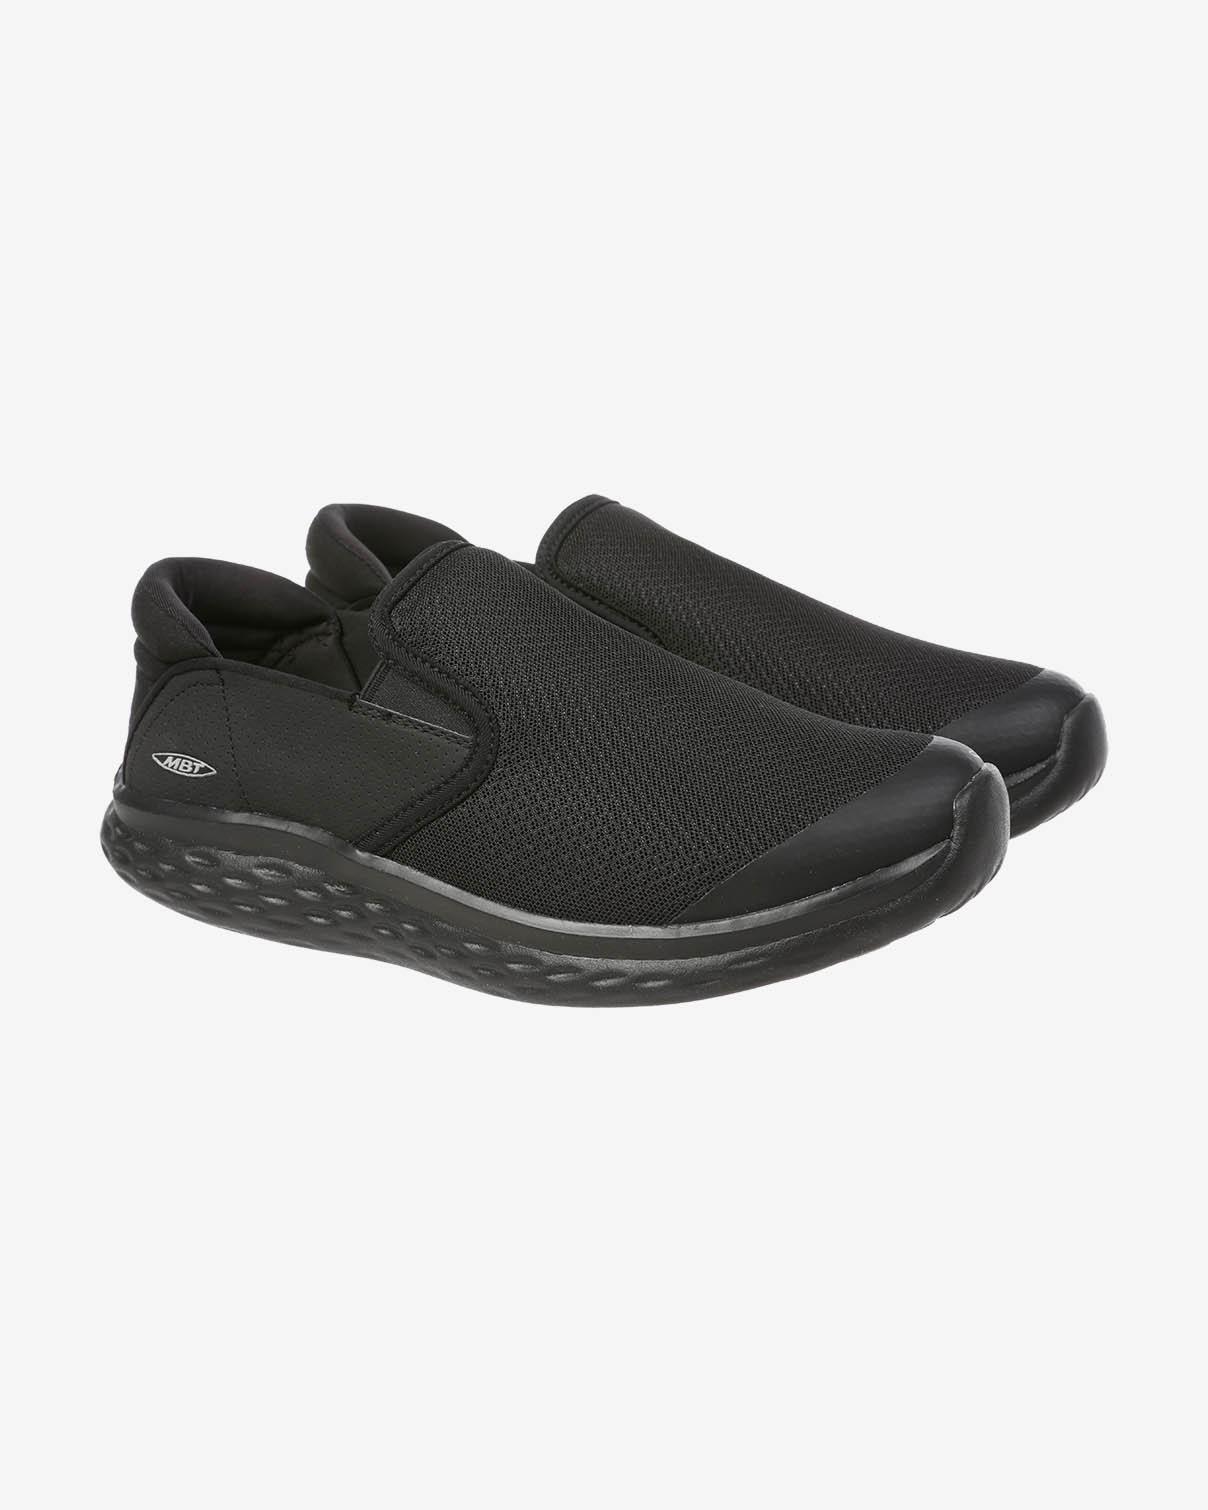 נעלי נוחות אם בי טי נשים גברים MBT MODENA Slipon